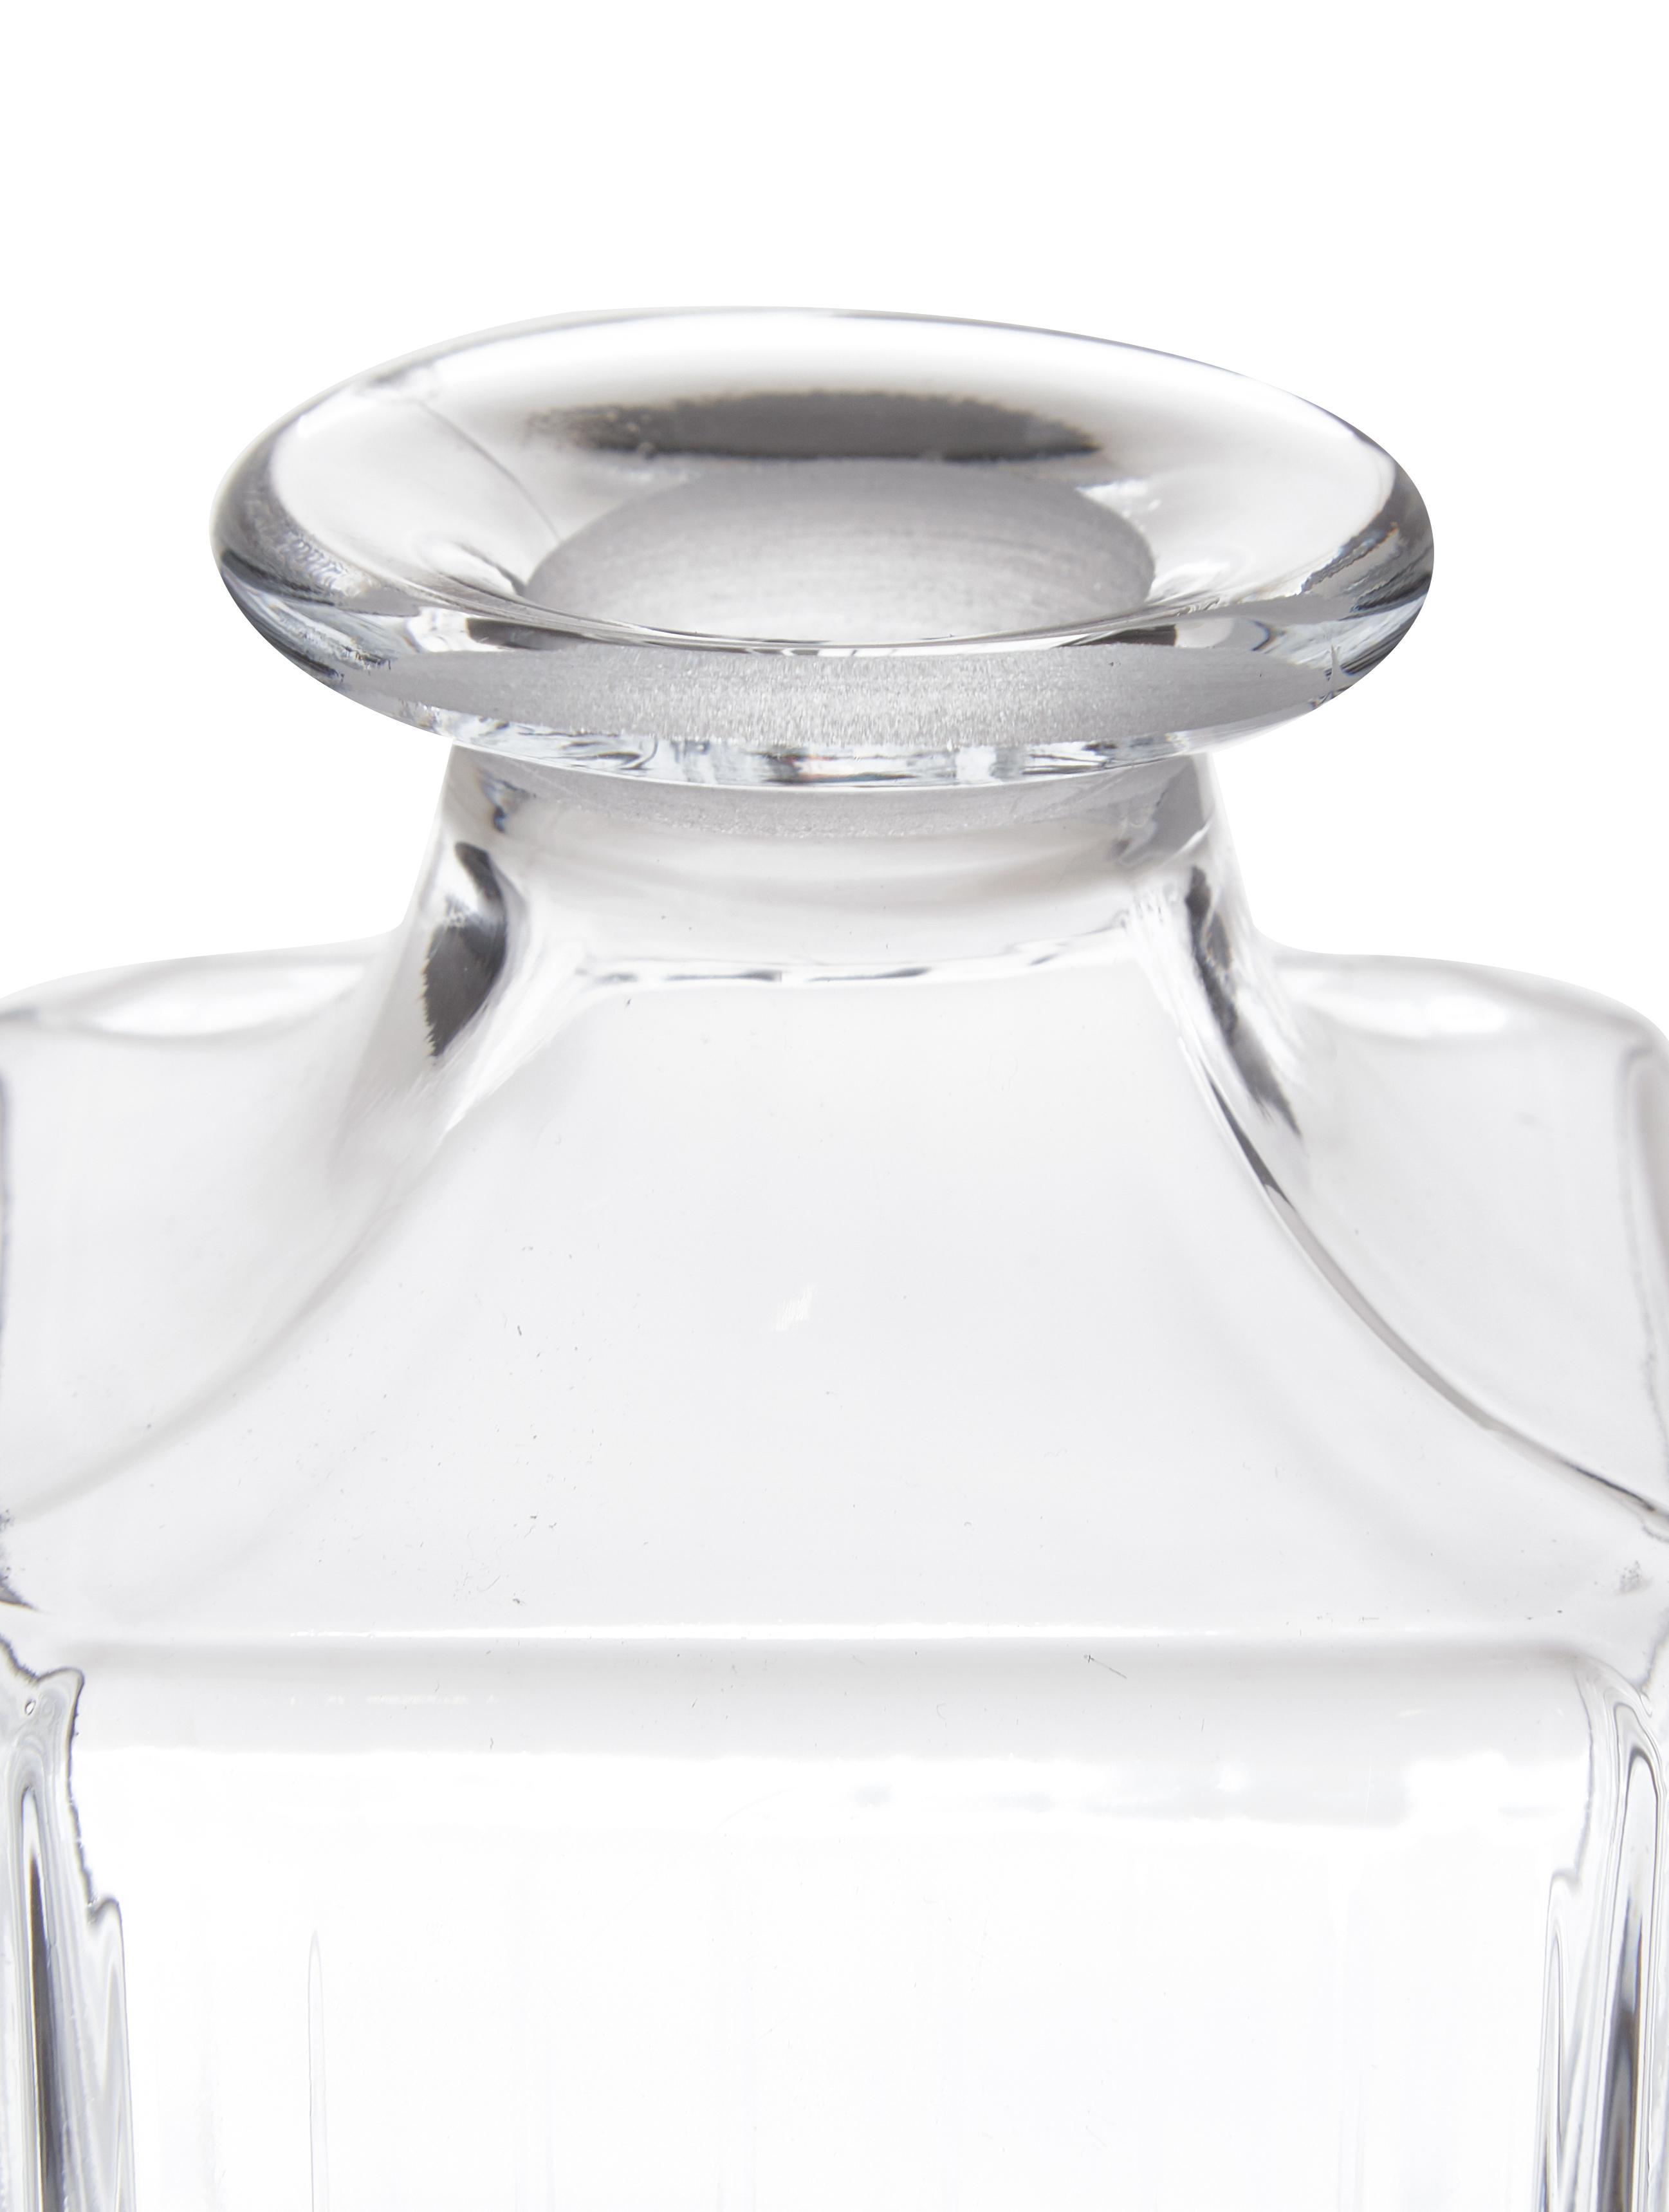 Kristall-Whiskey-Set Timeless, 7-tlg., Kristallglas, Transparent, Verschiedene Grössen